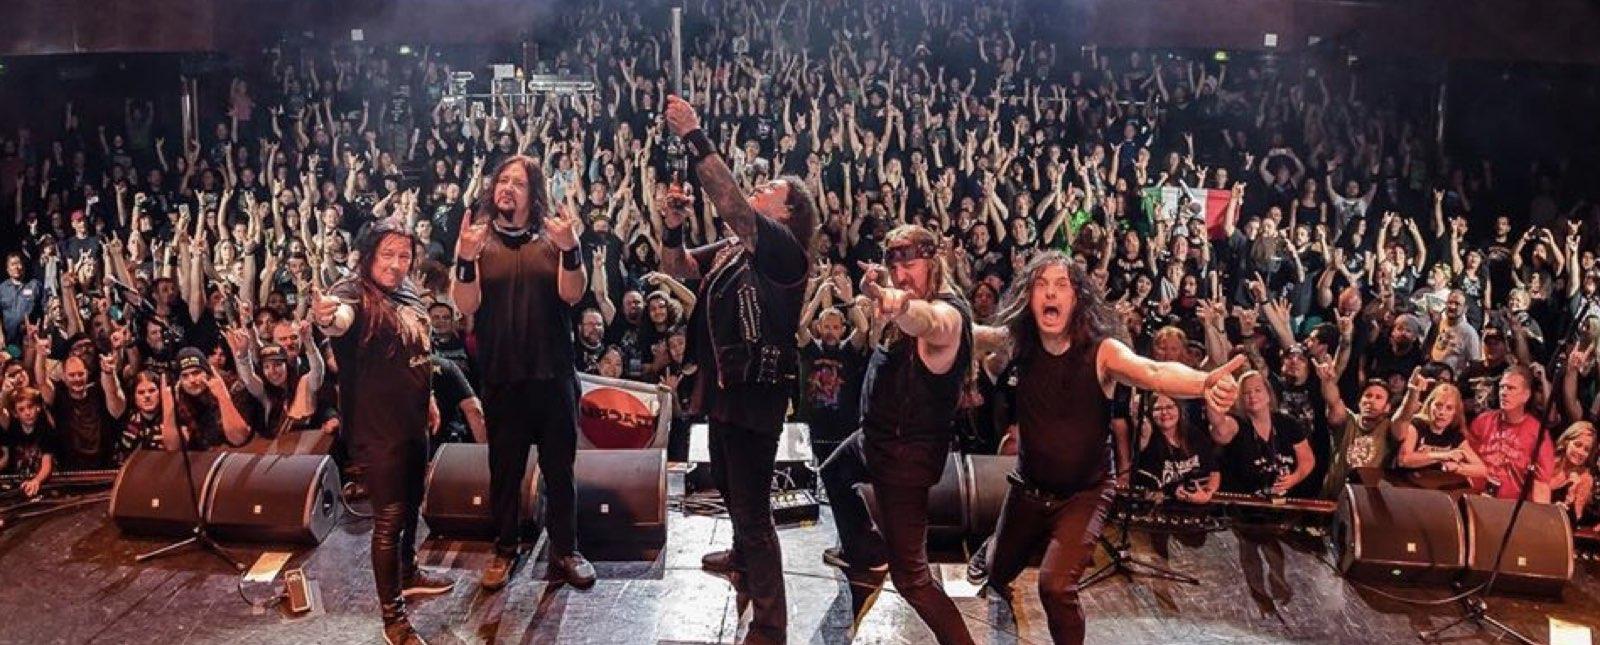 testament-exodus-death-angel-bandas-metal-cancelan-concierto-brote-coronavirus